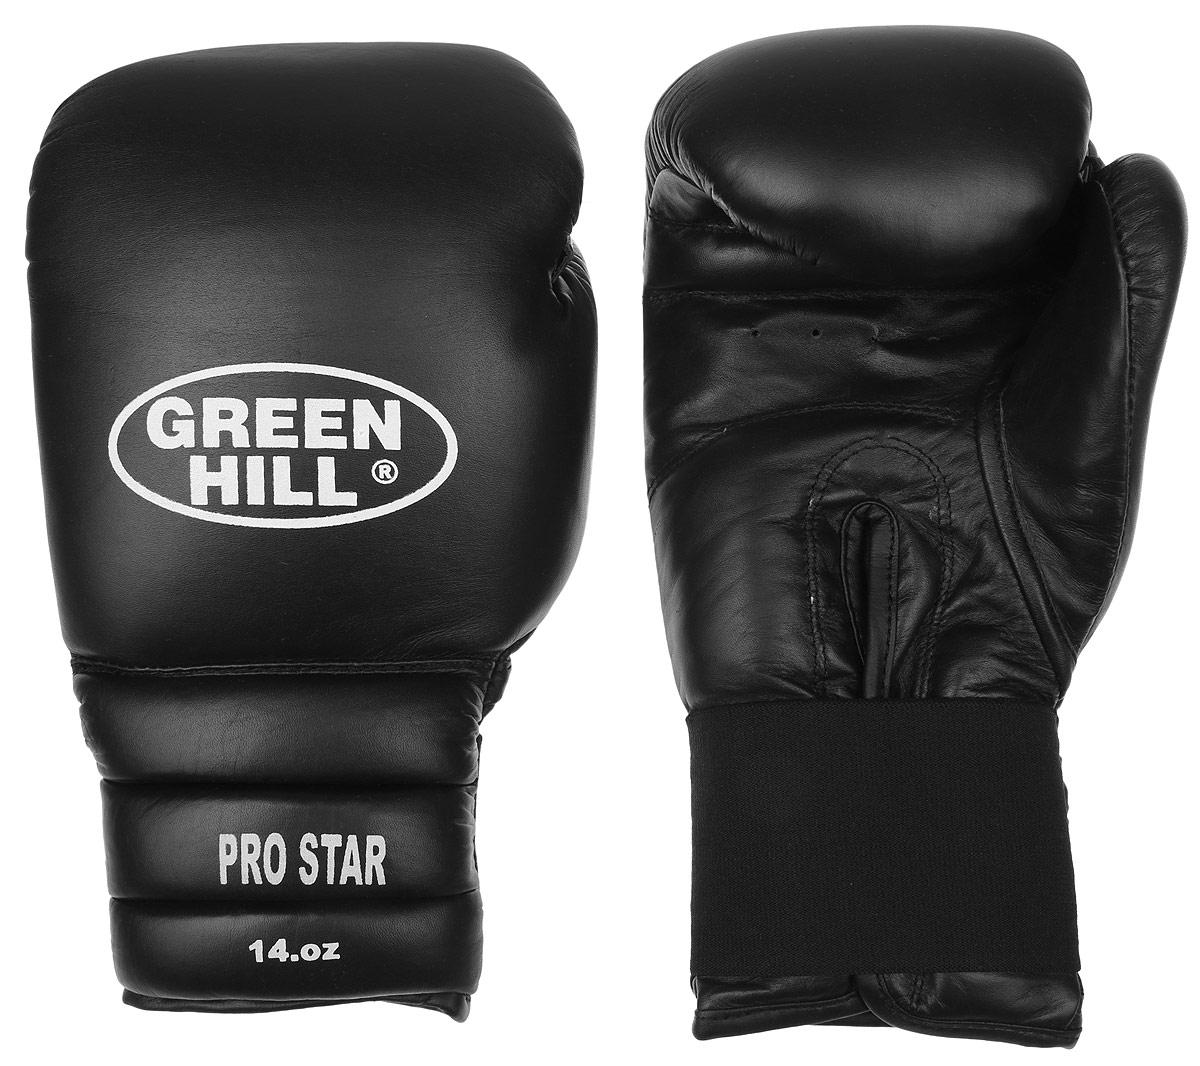 Перчатки боксерские Green Hill Pro Star, цвет: черный, белый. Вес 14 унций. BGPS-2012AIRWHEEL M3-162.8Тренировочные боксерские перчатки Green Hill Pro Star отлично подойдут для спаррингов. Верх выполнен из натуральной кожи, наполнитель - из вспененного полимера. Отверстие в области ладони позволяет создать максимально комфортный терморежим во время занятий. Удлиненный сегментированный манжет способствует быстрому и удобному надеванию перчаток, плотно фиксирует их на руке.